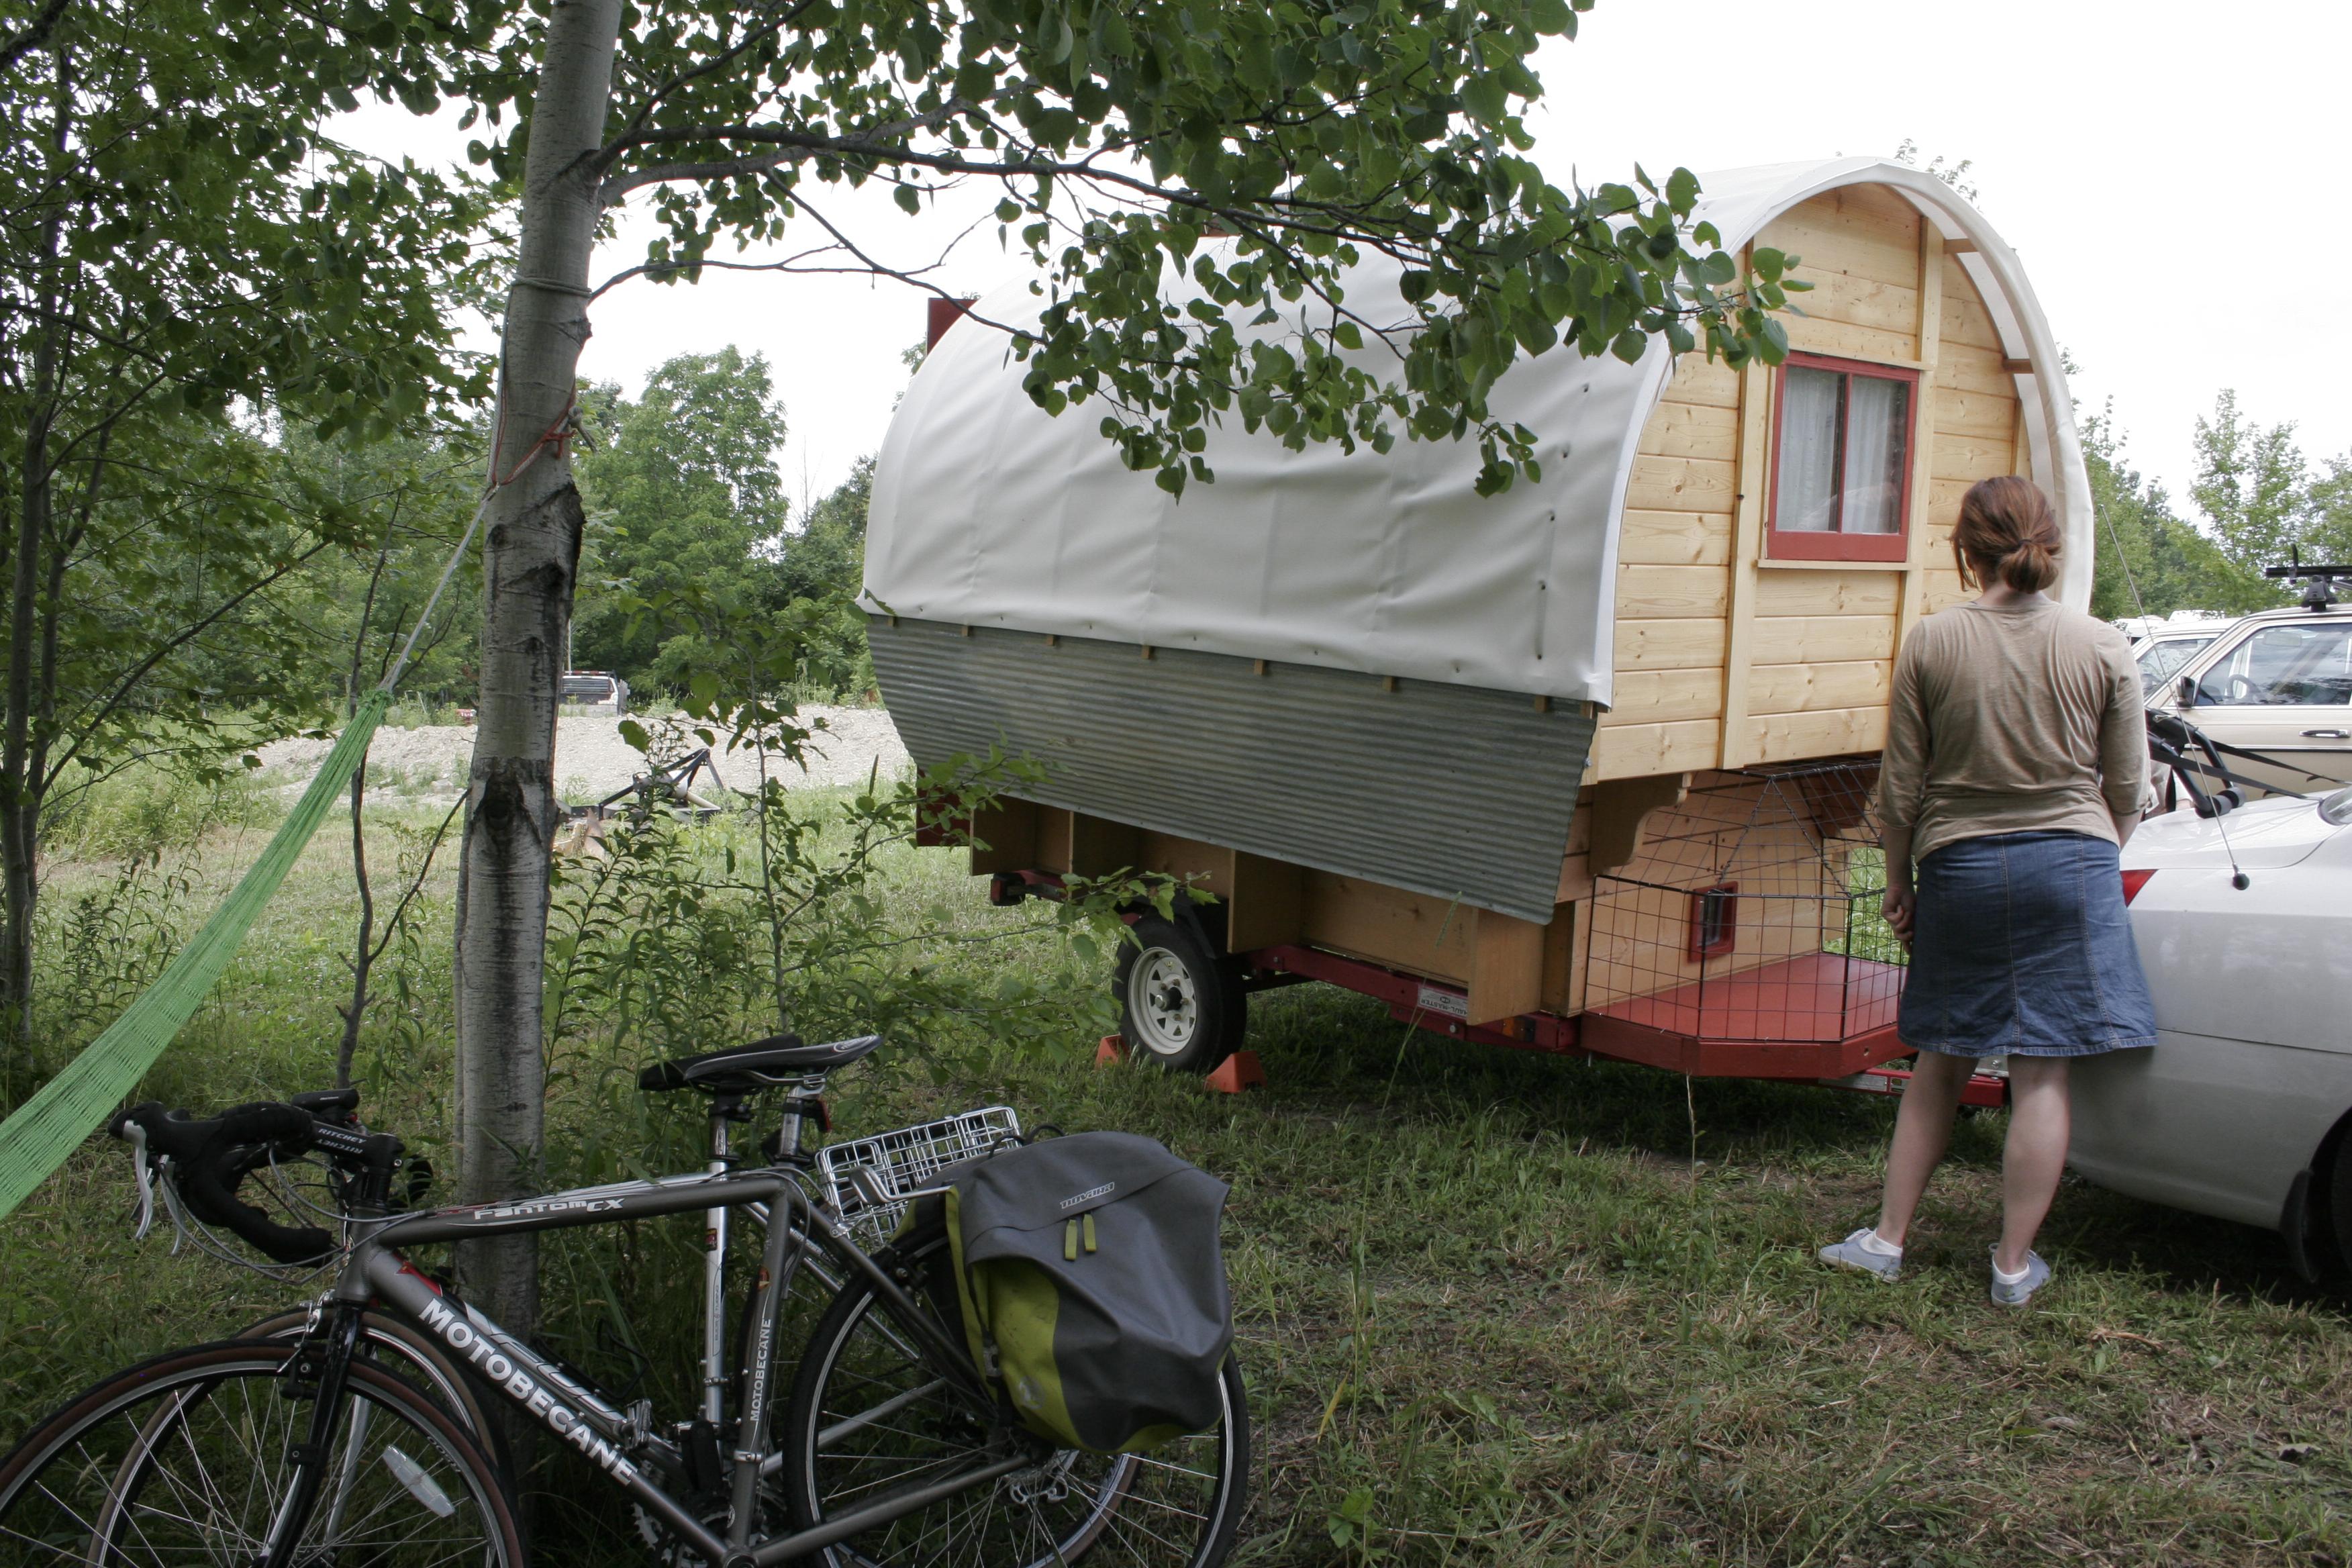 Gypsy Wagon visits Dacha